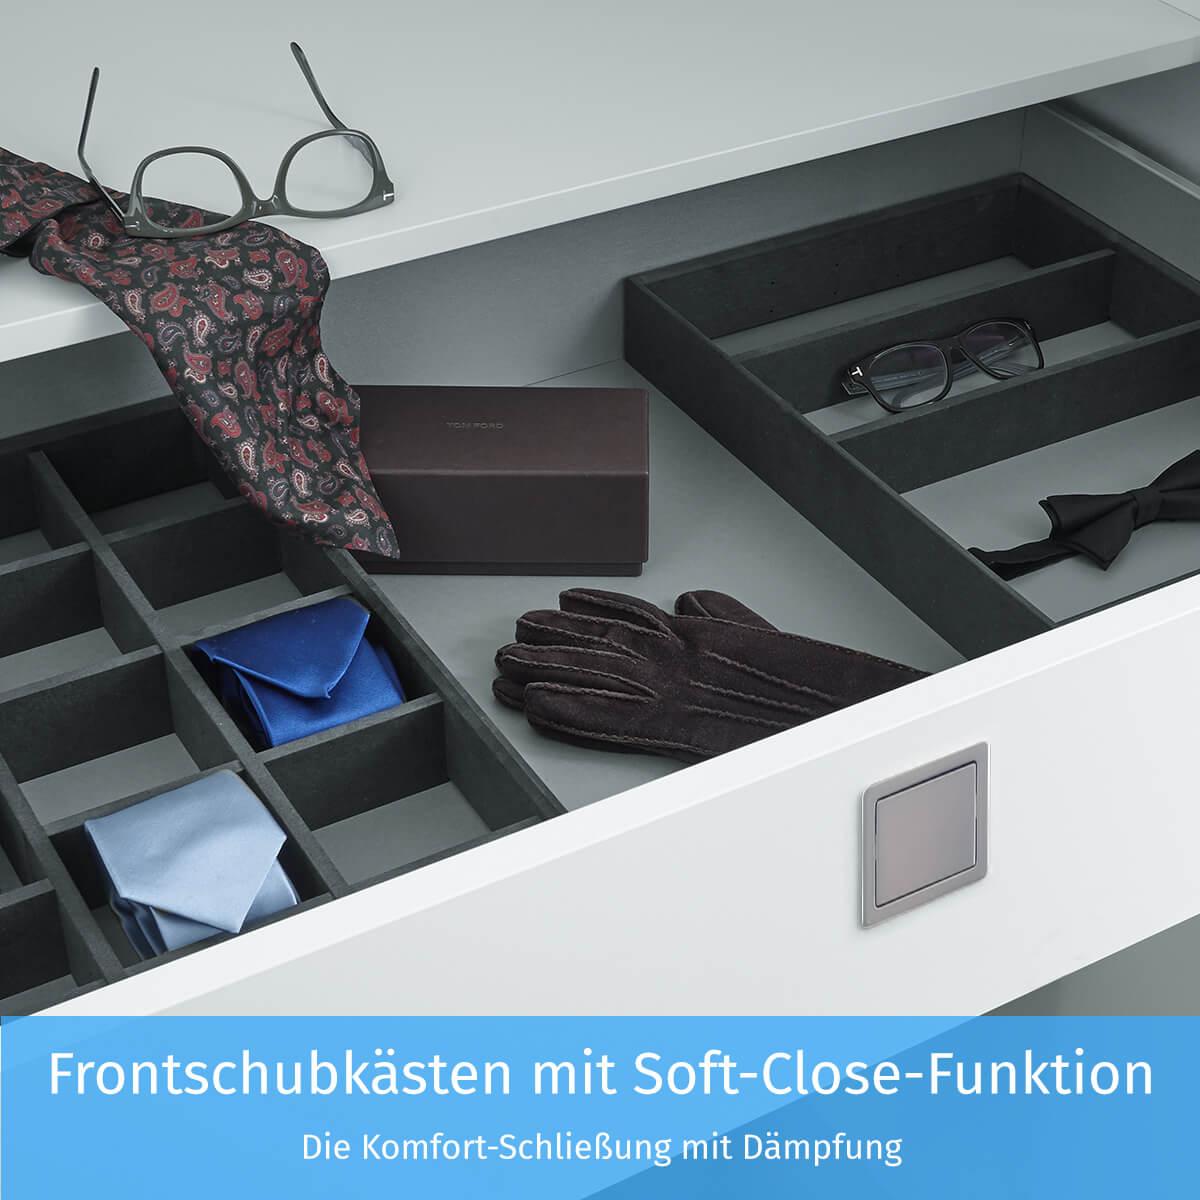 Frontschubkästen mit Soft-Close-Funktion